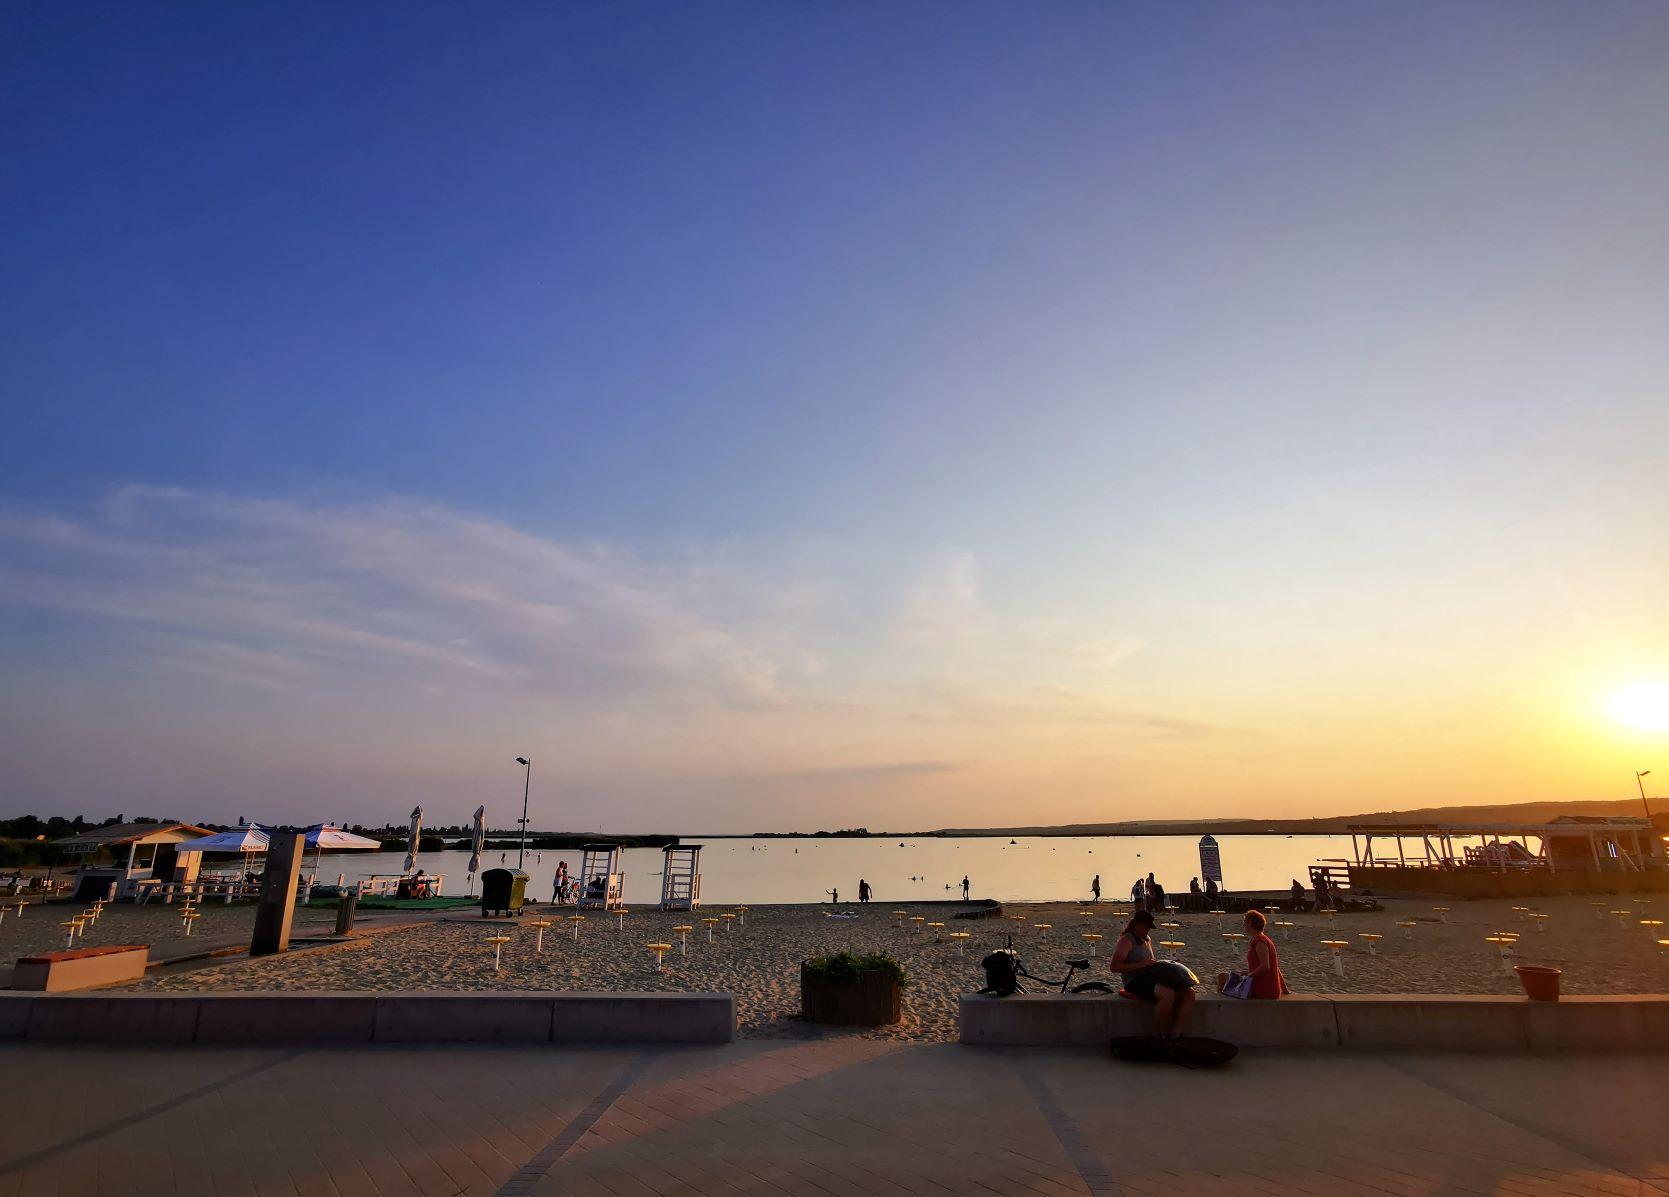 Velencei-tó: A velencei Korzón még a kora esti órákban is voltak a strandon